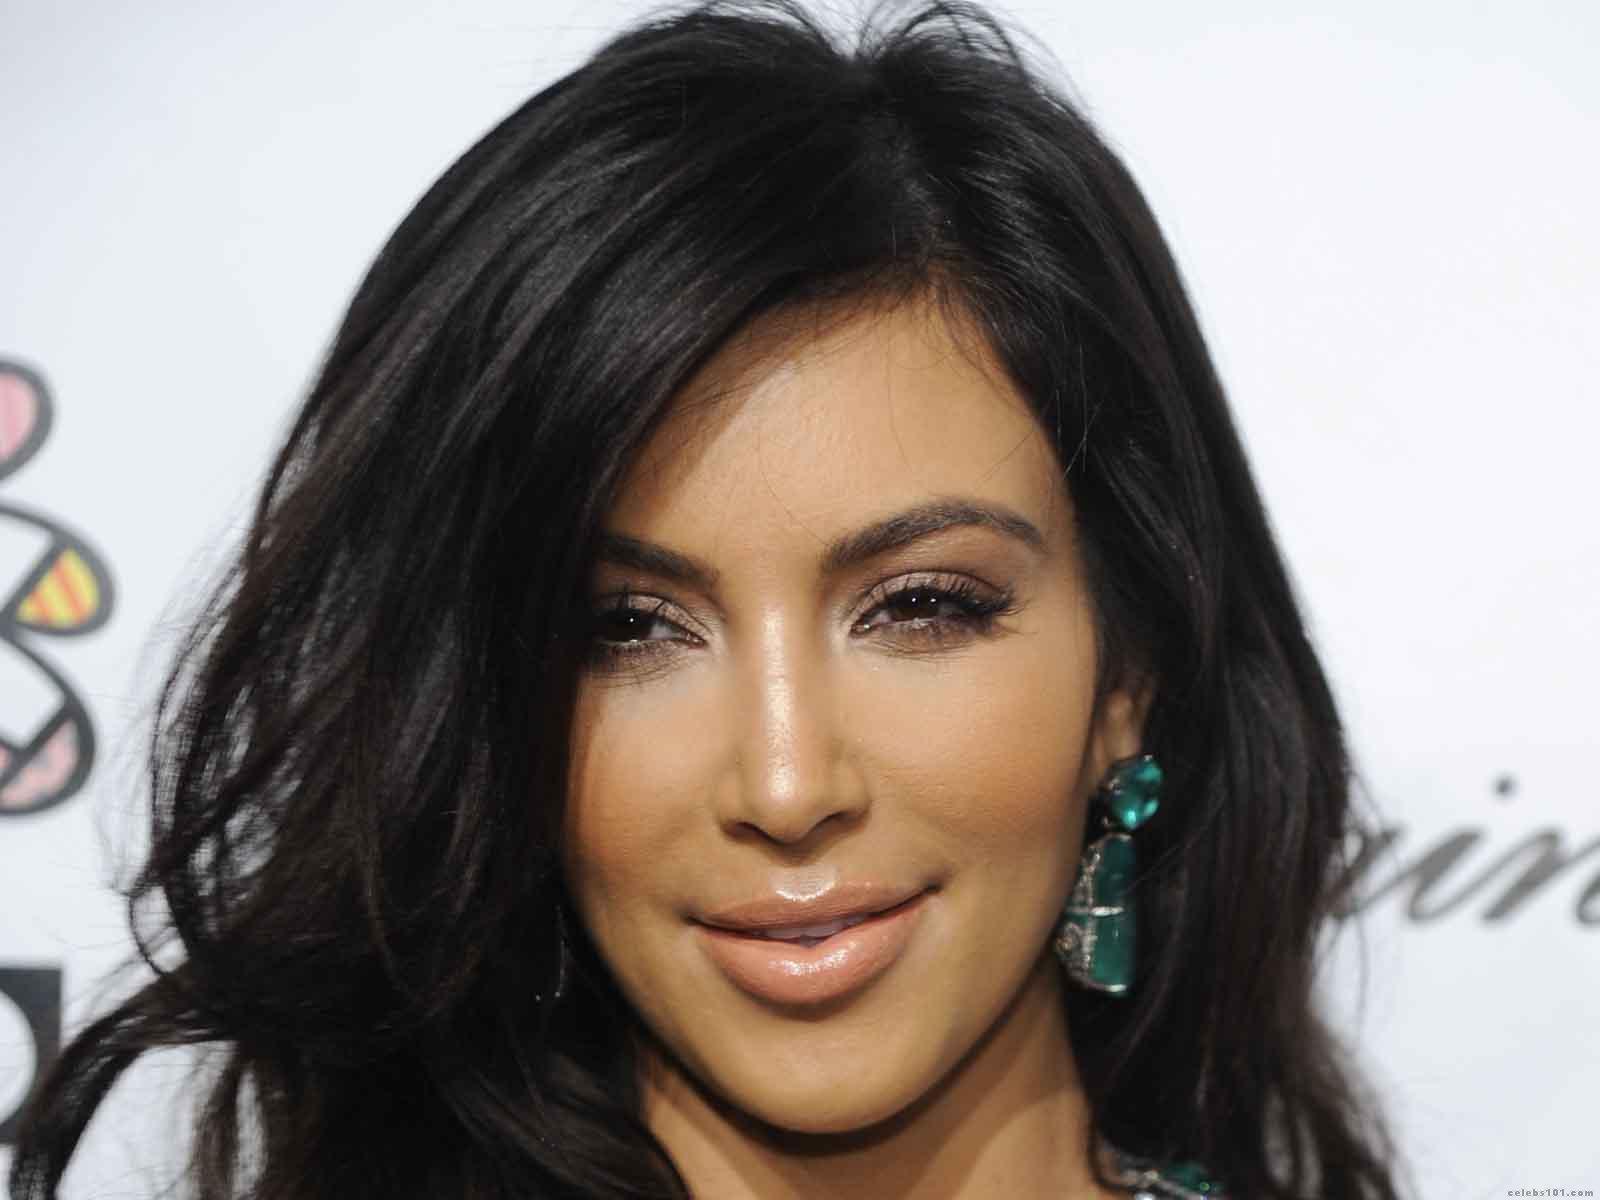 Kim Kardashian High quality wallpaper size 1600x1200 of Kim Kardashian 1600x1200